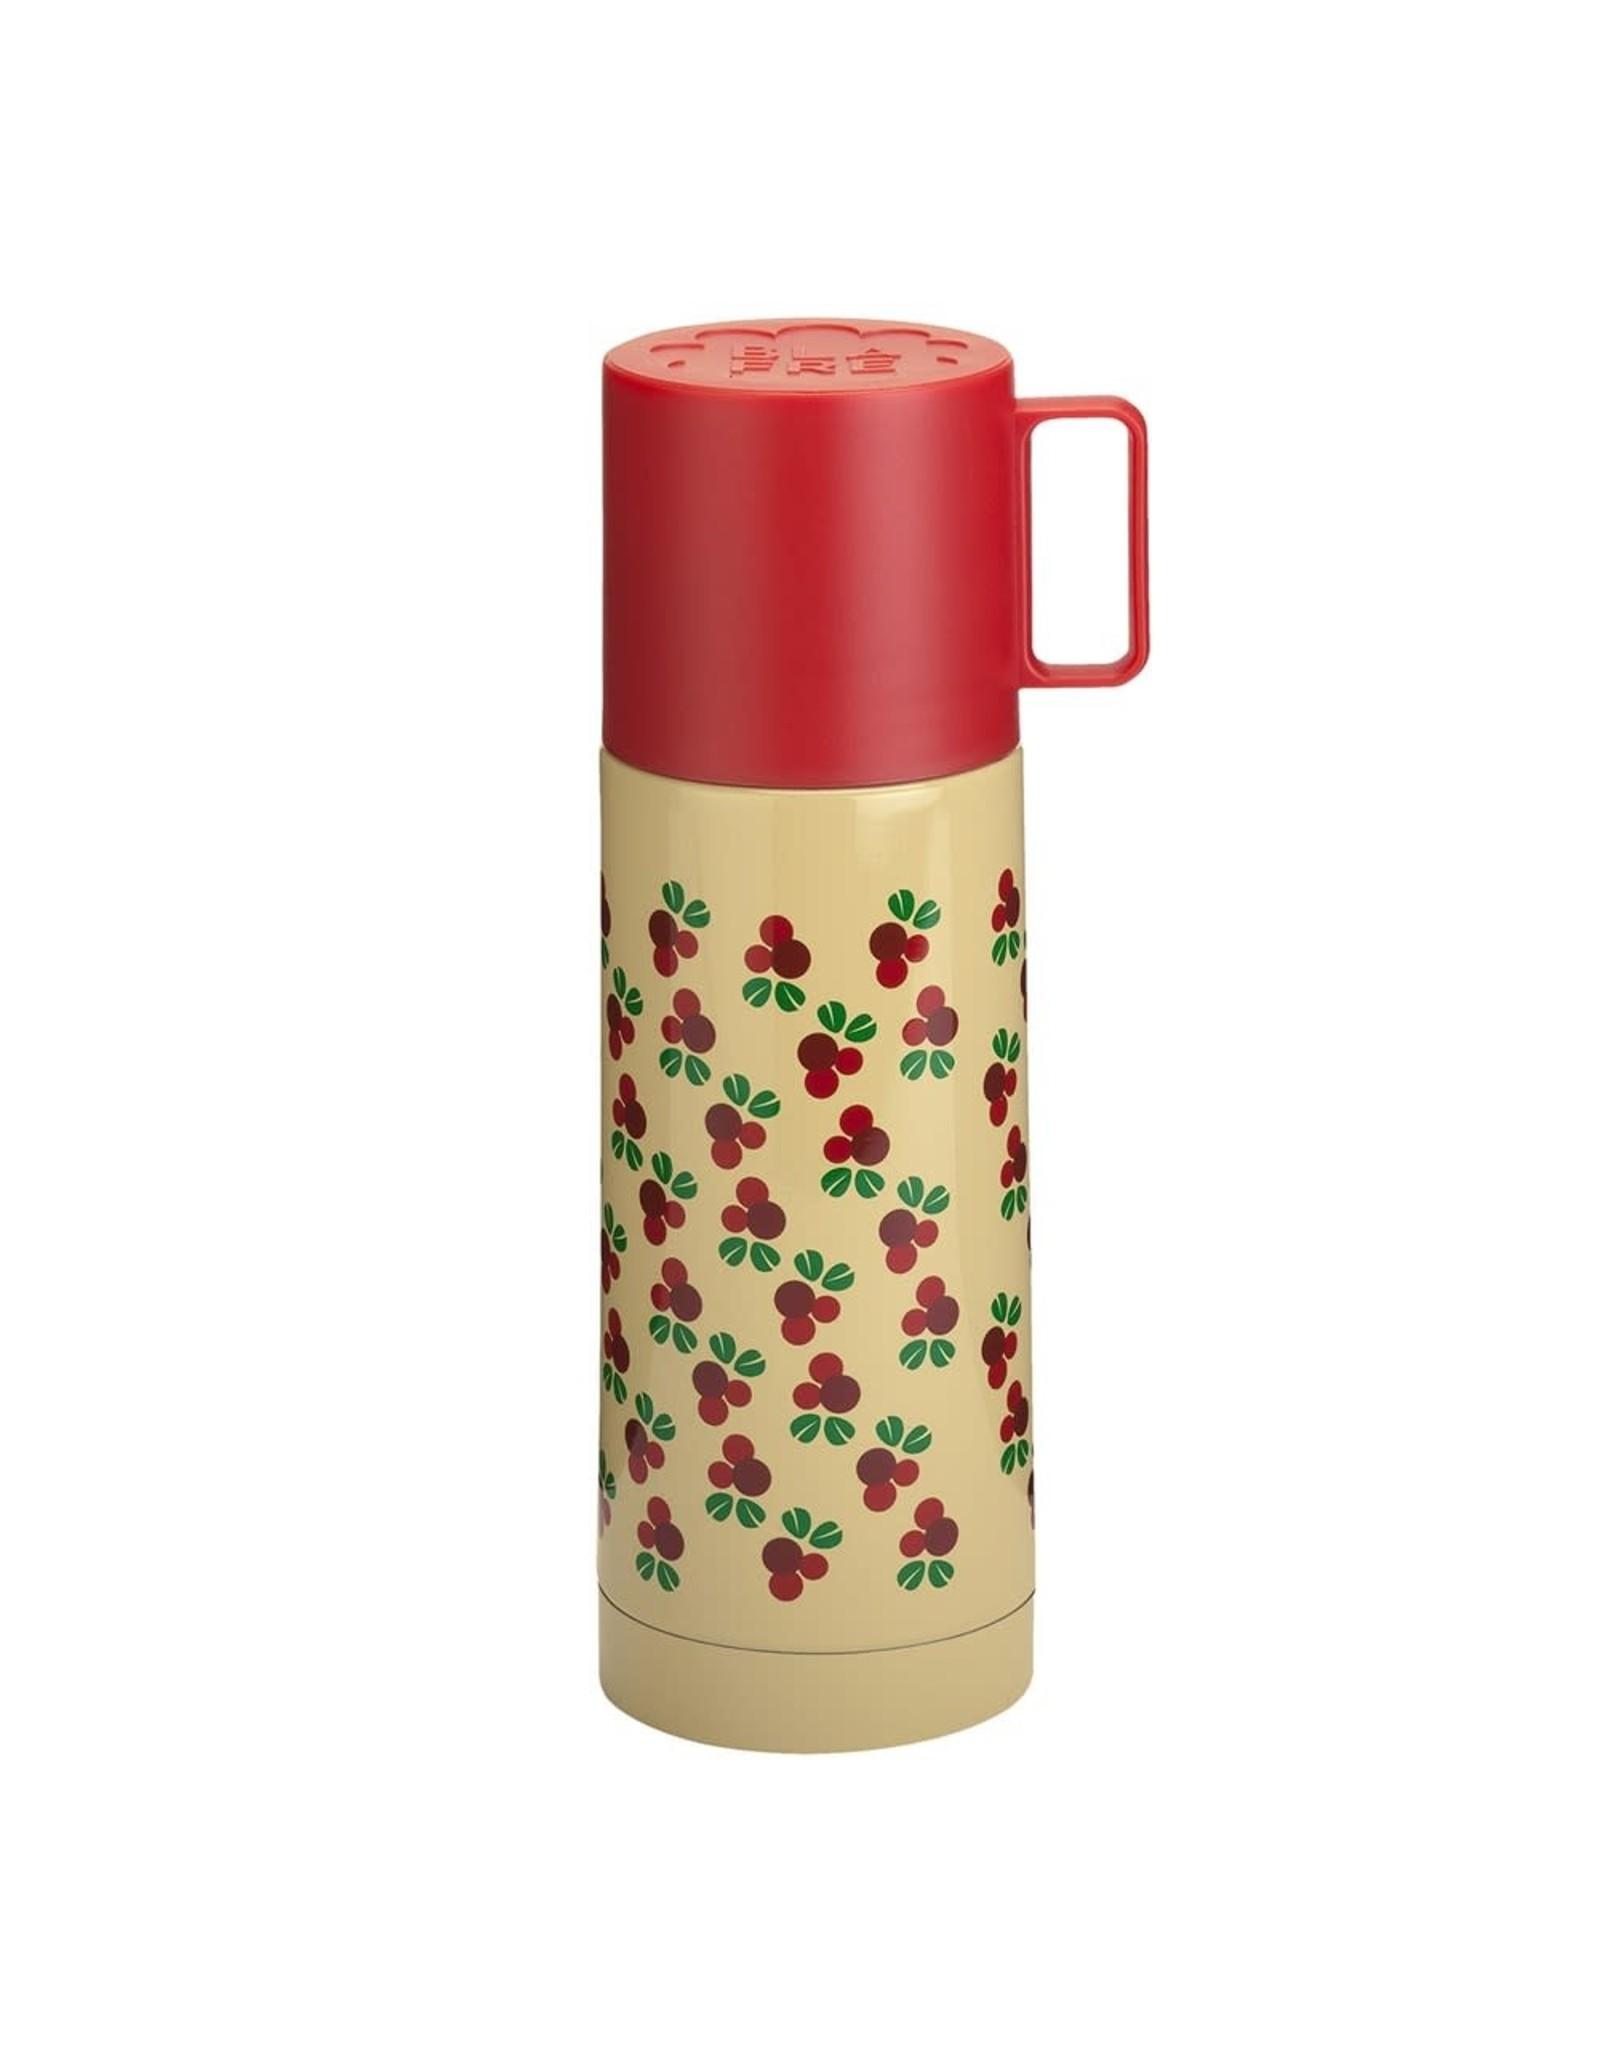 Blafre Blafre Thermal Bottle Red Flower